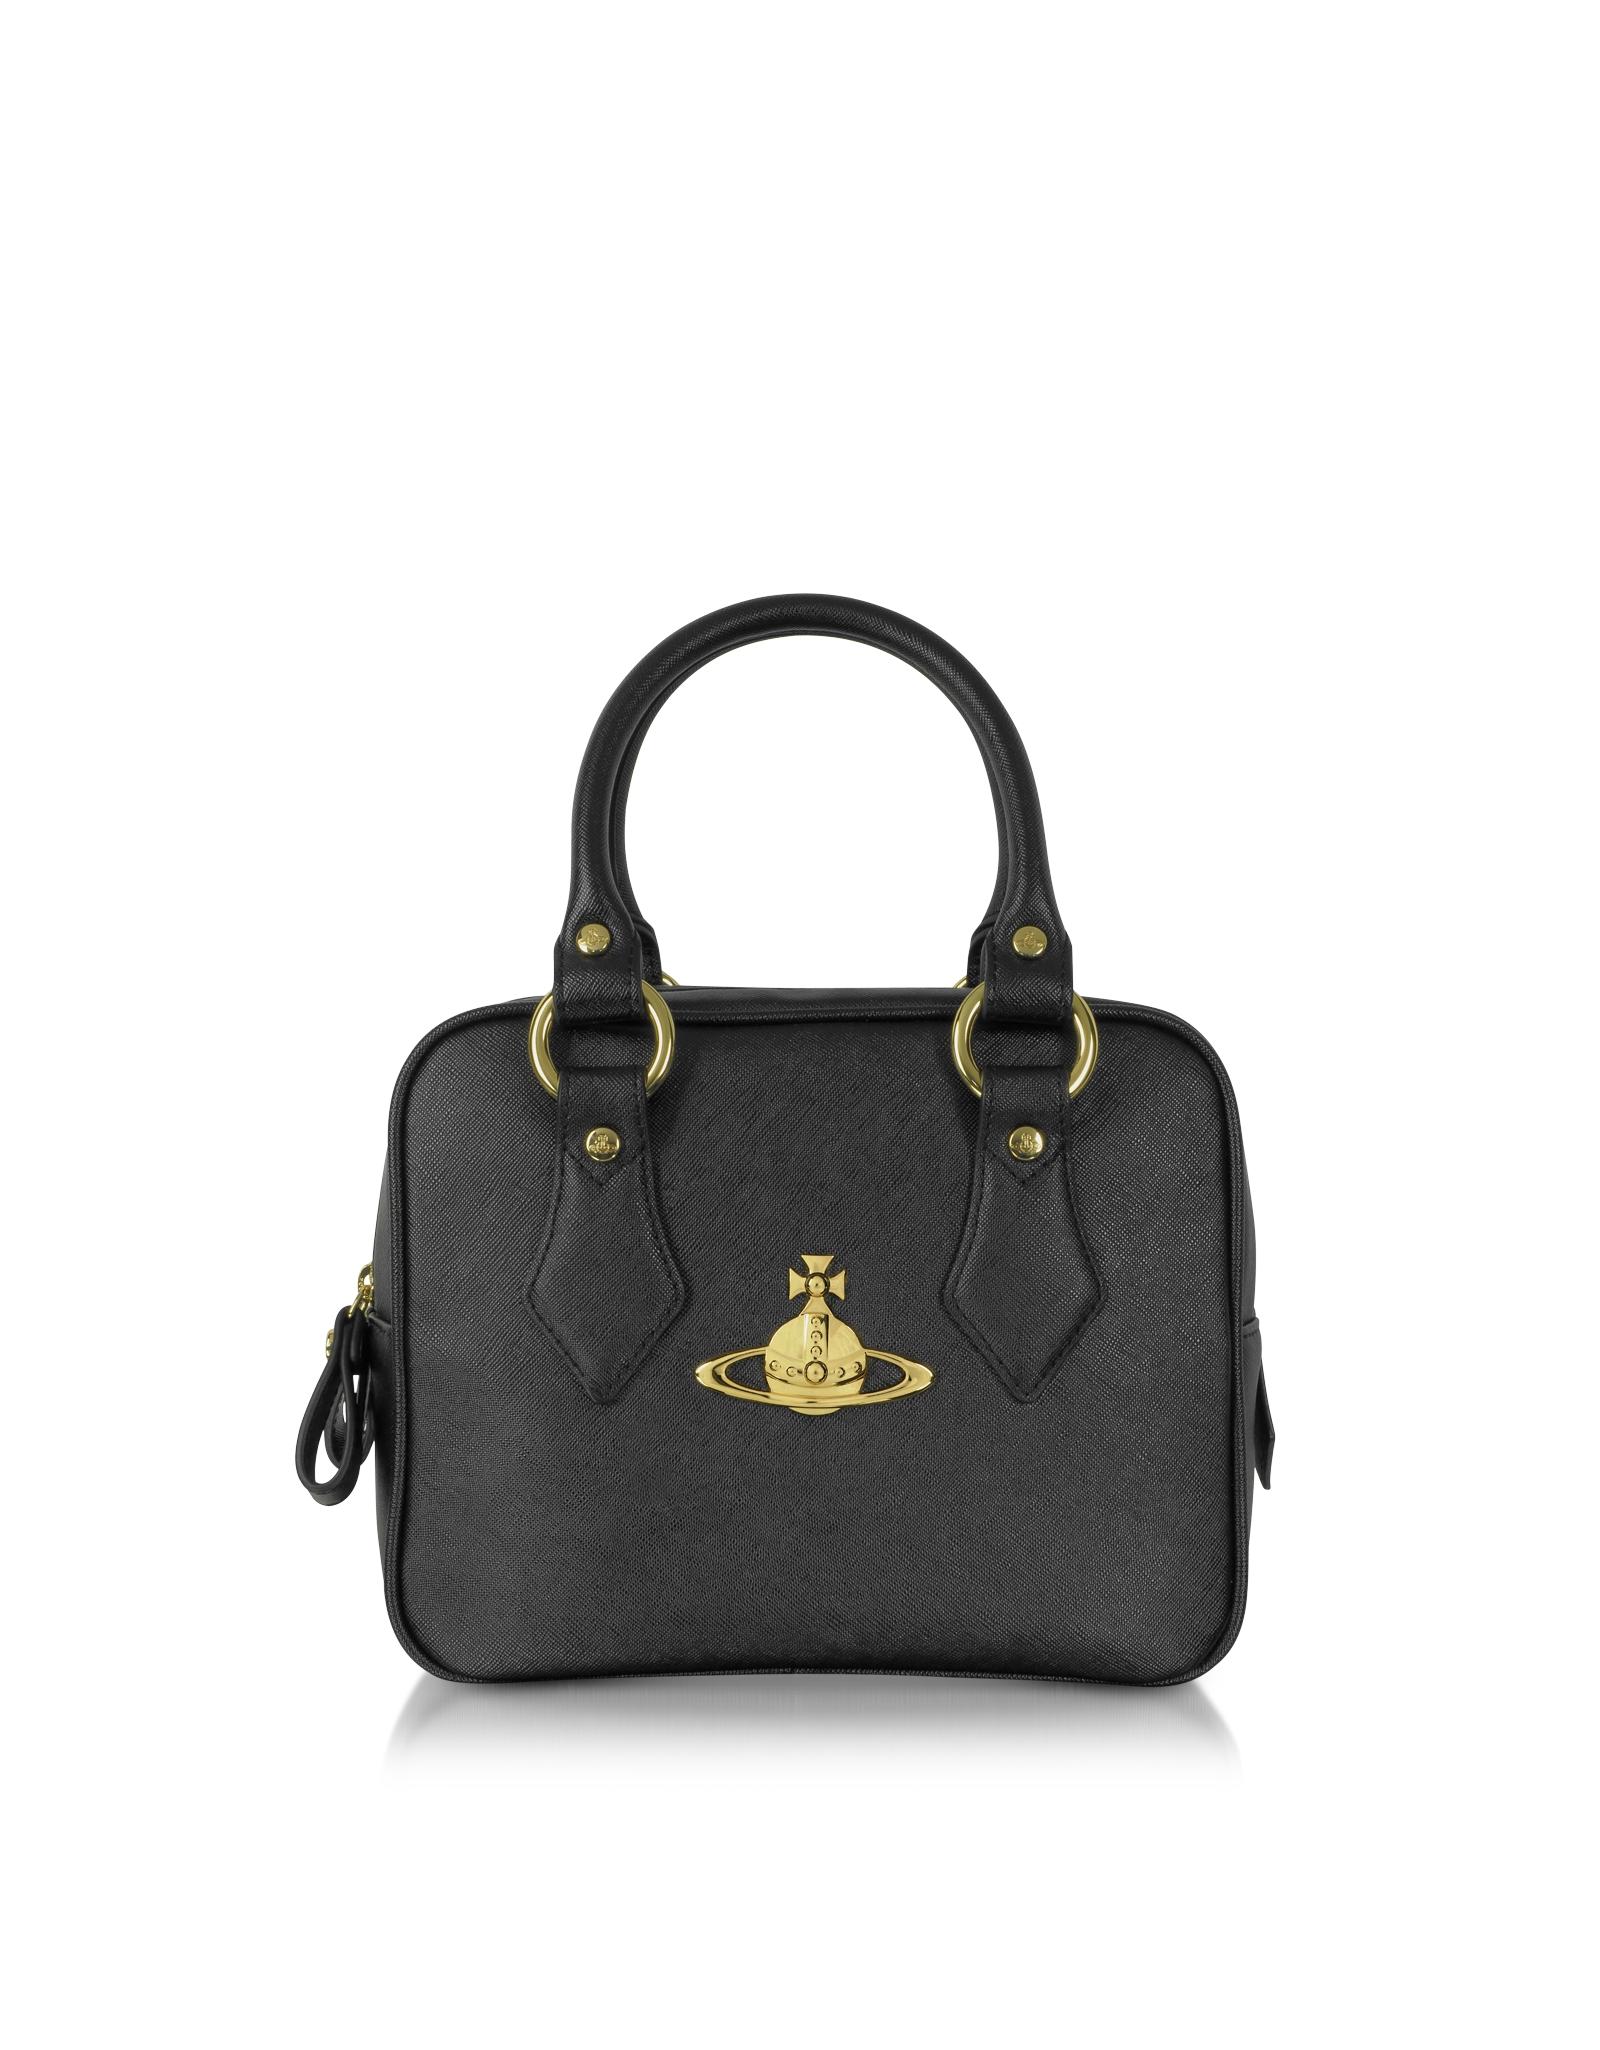 63fc54f6e9 Lyst - Vivienne Westwood Divina Black Saffiano Eco Leather Satchel ...